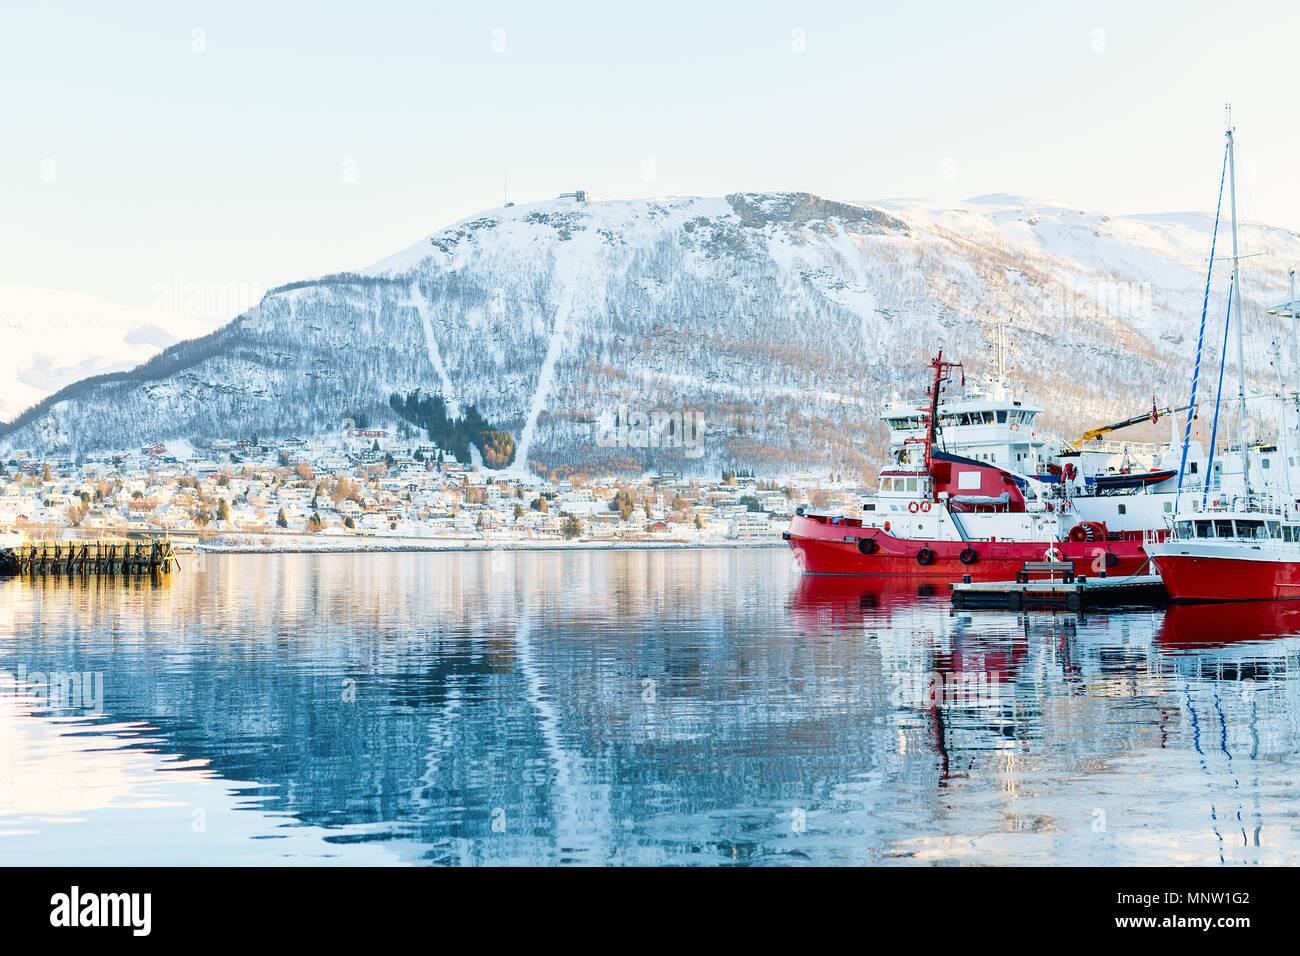 Hermoso paisaje de invierno de la nieve cubrió la ciudad de Tromso, en el norte de Noruega. Imagen De Stock